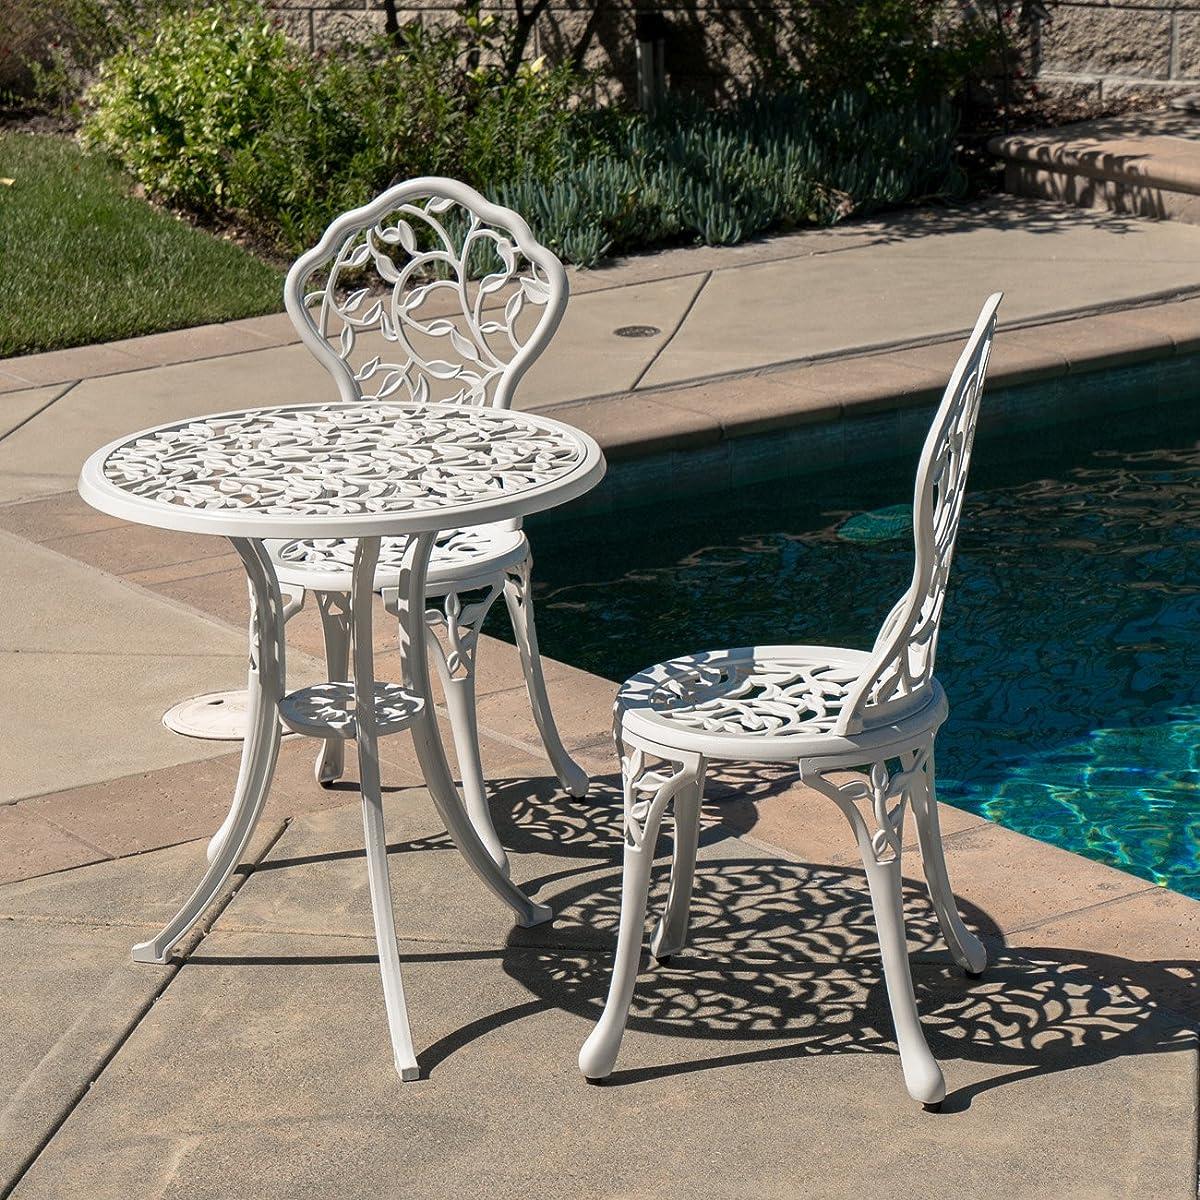 Belleze Outdoor Patio Cast Aluminum Leaf Design Bistro Set in Antique White